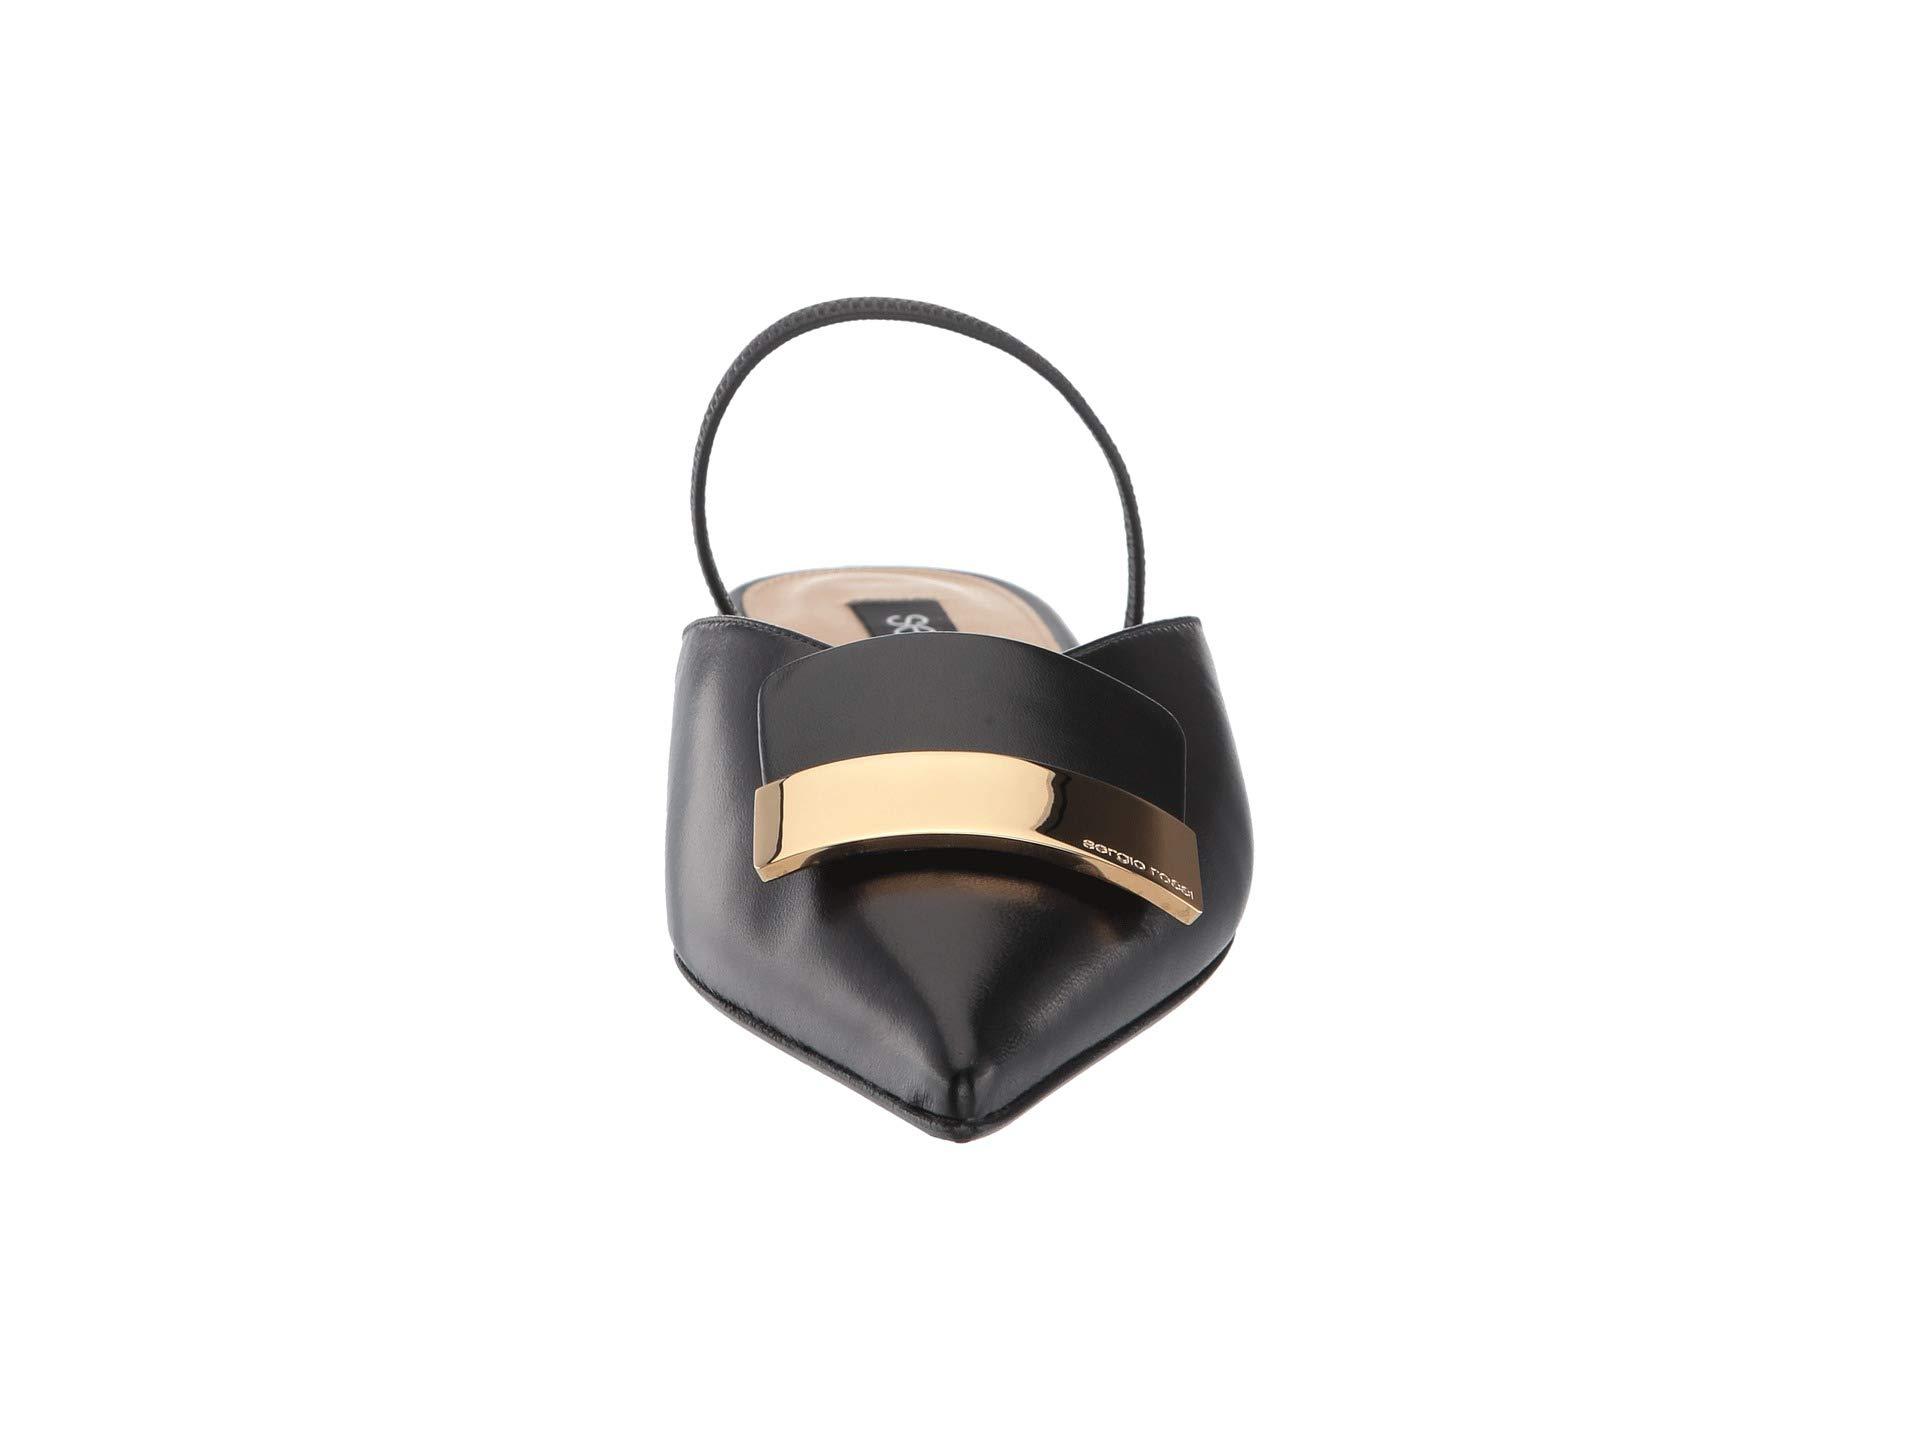 magn05 A83940 Rossi Sergio Nappa Black zEqA45w5